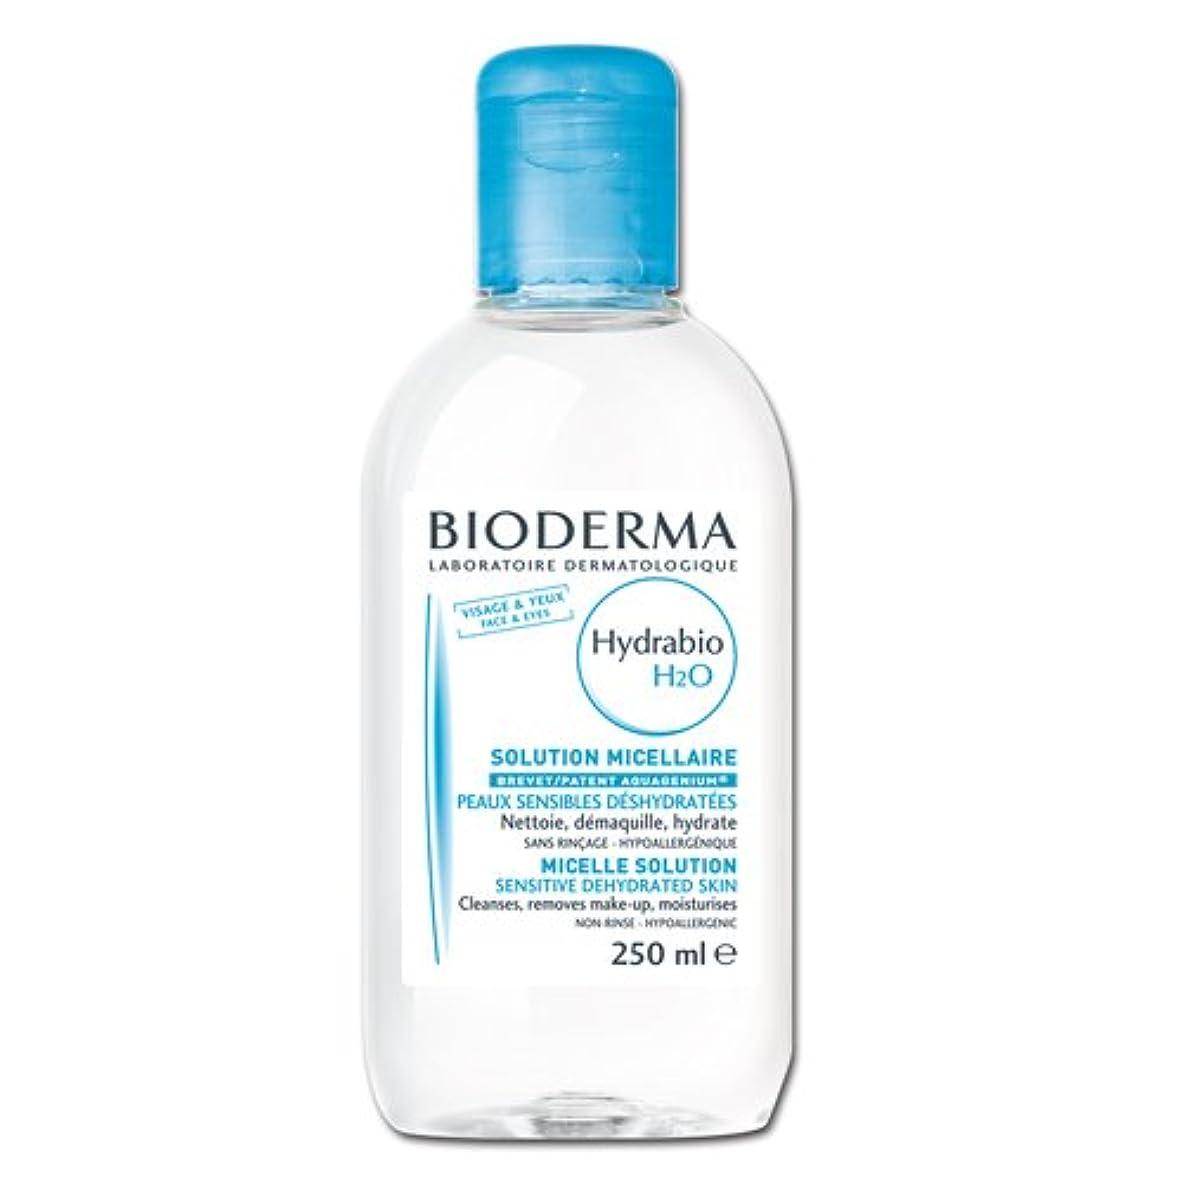 爆風思われる熱Bioderma ビオデルマ イドラビオ エイチツーオー D (H2O) 250ml [並行輸入品]